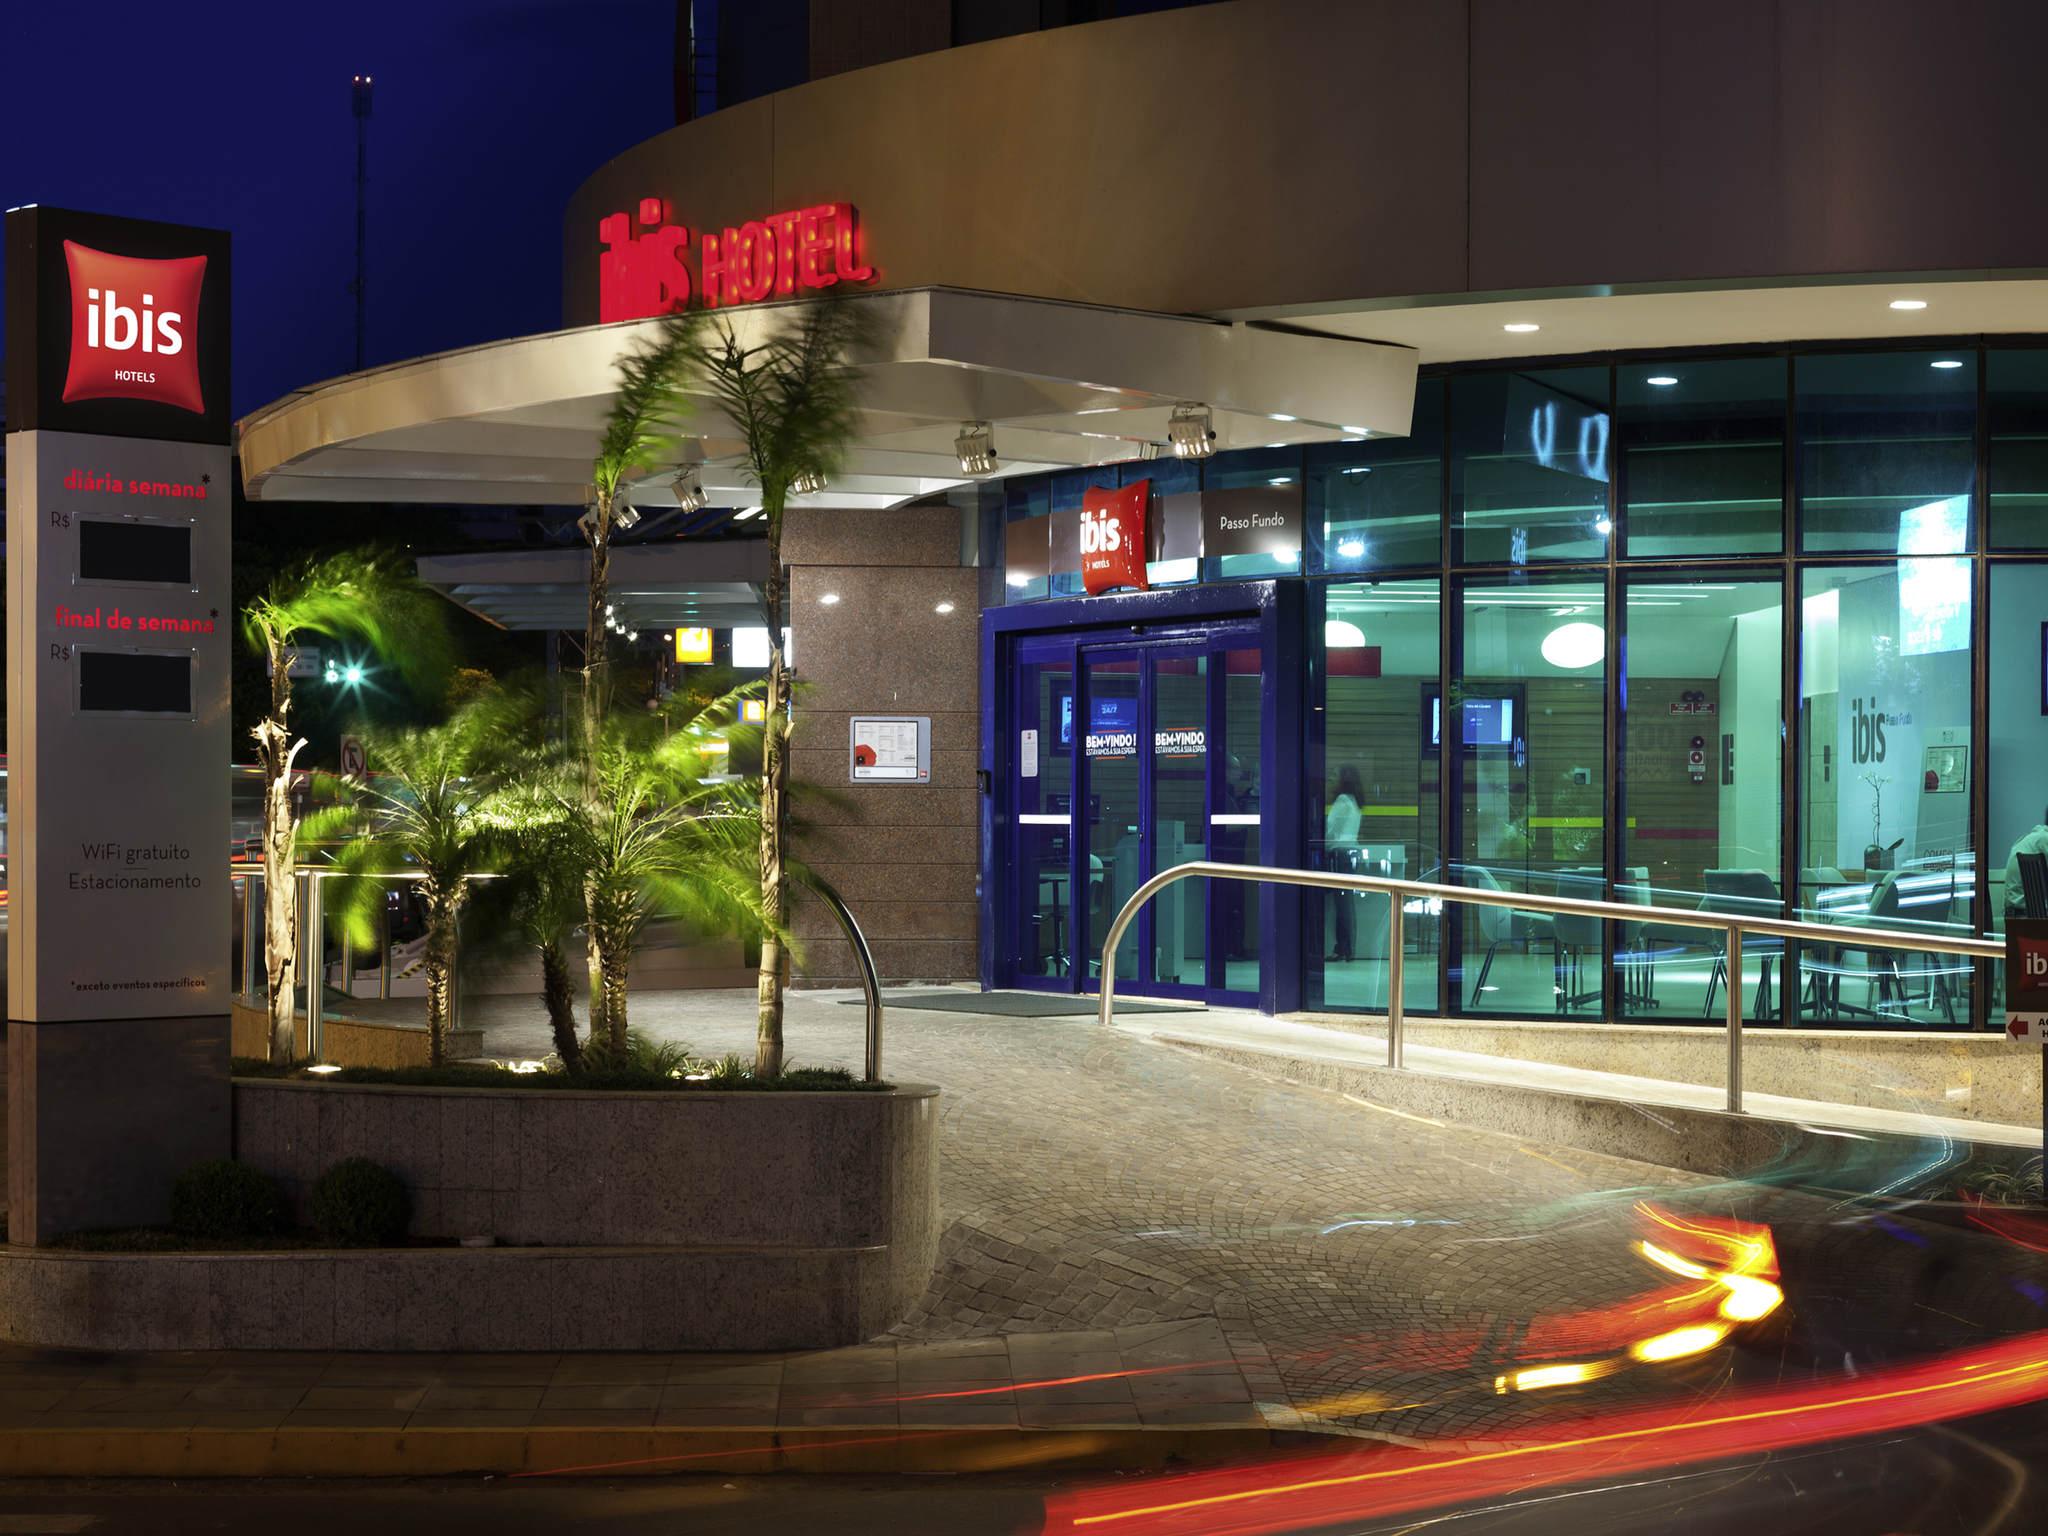 โรงแรม – ibis Passo Fundo Shopping